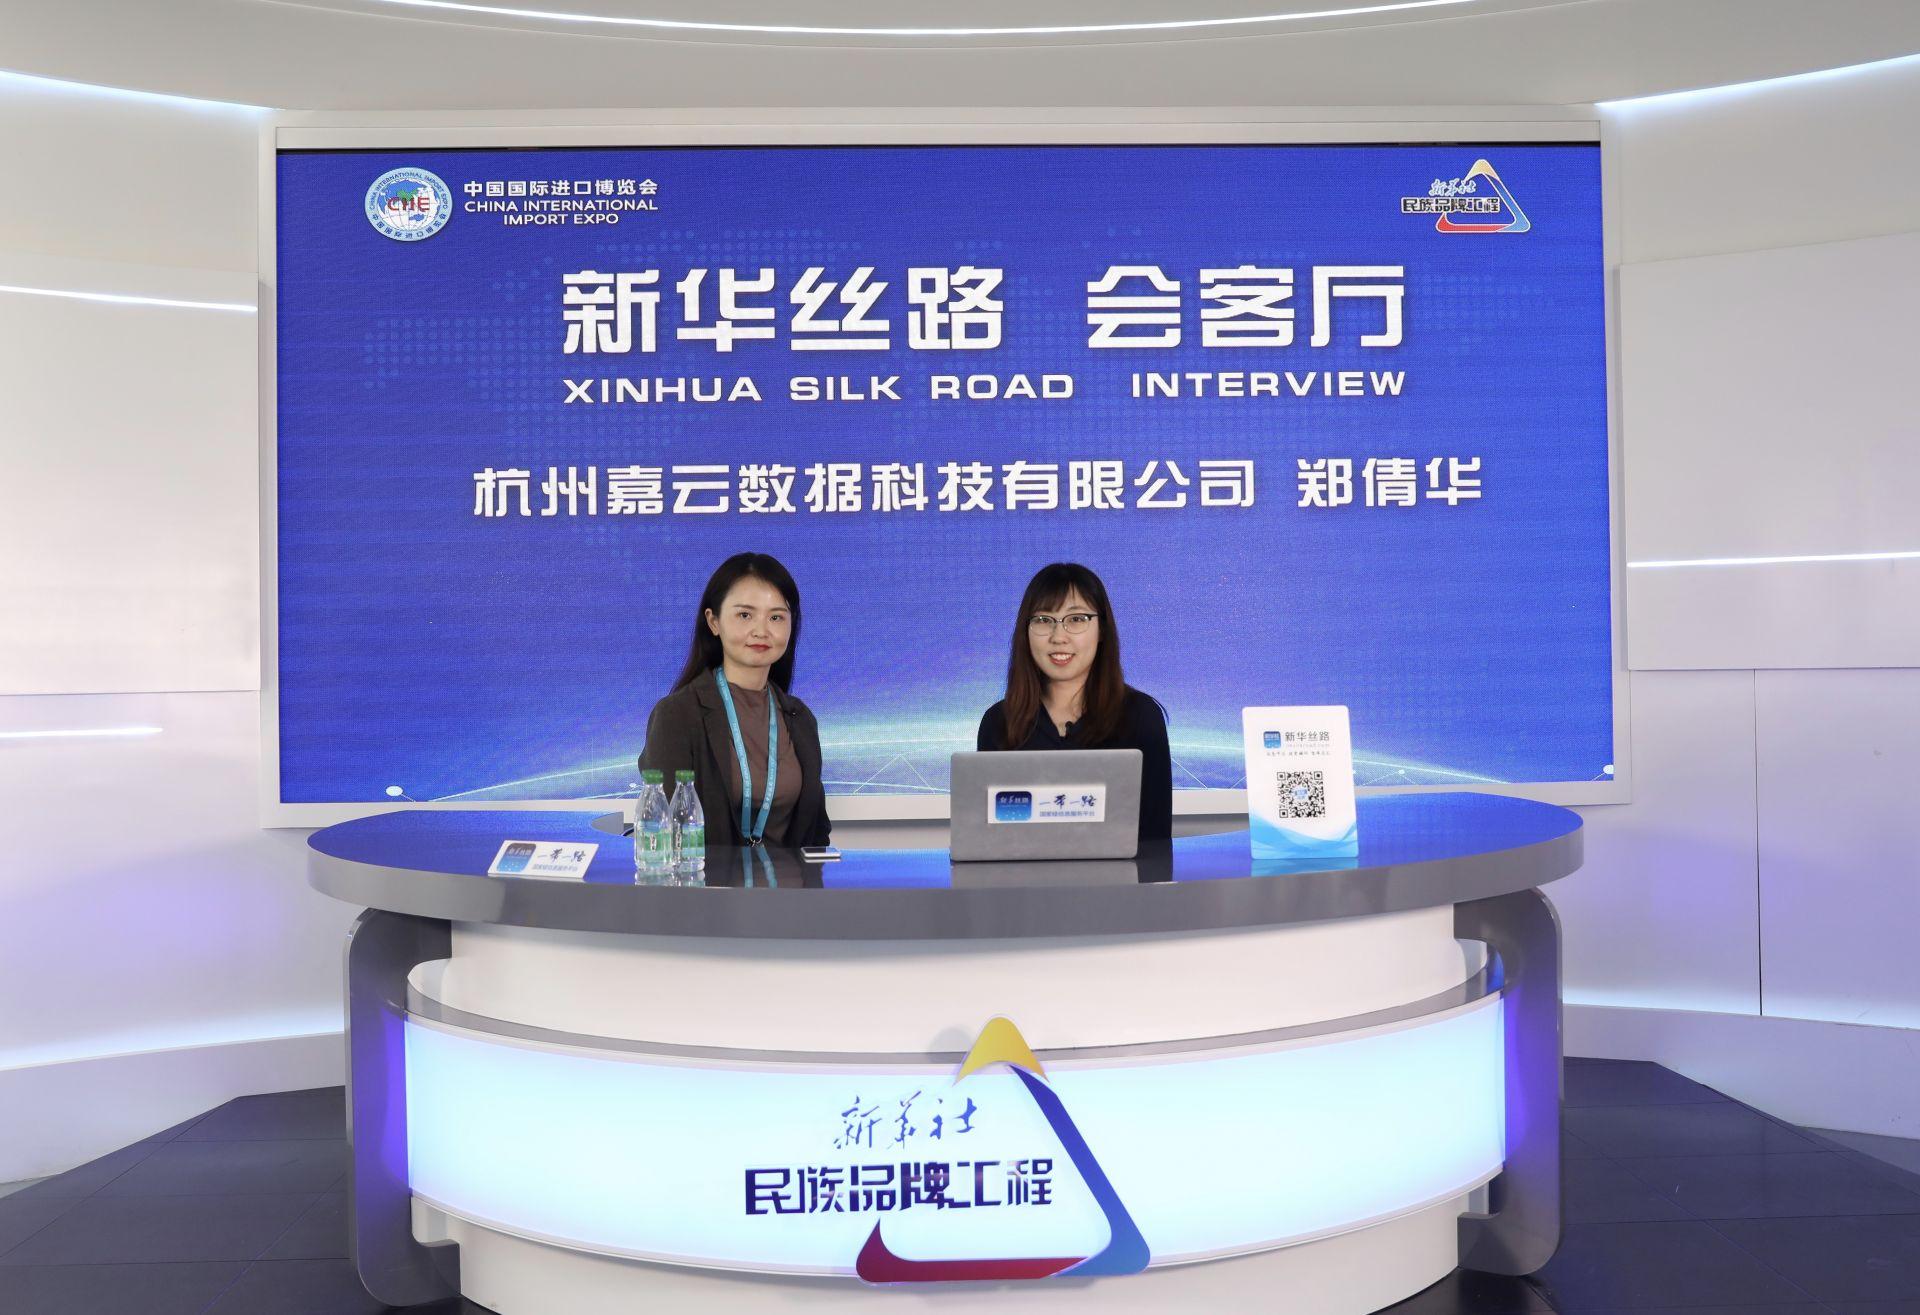 新一代跨境电商的法宝:数据+技术+融入海外